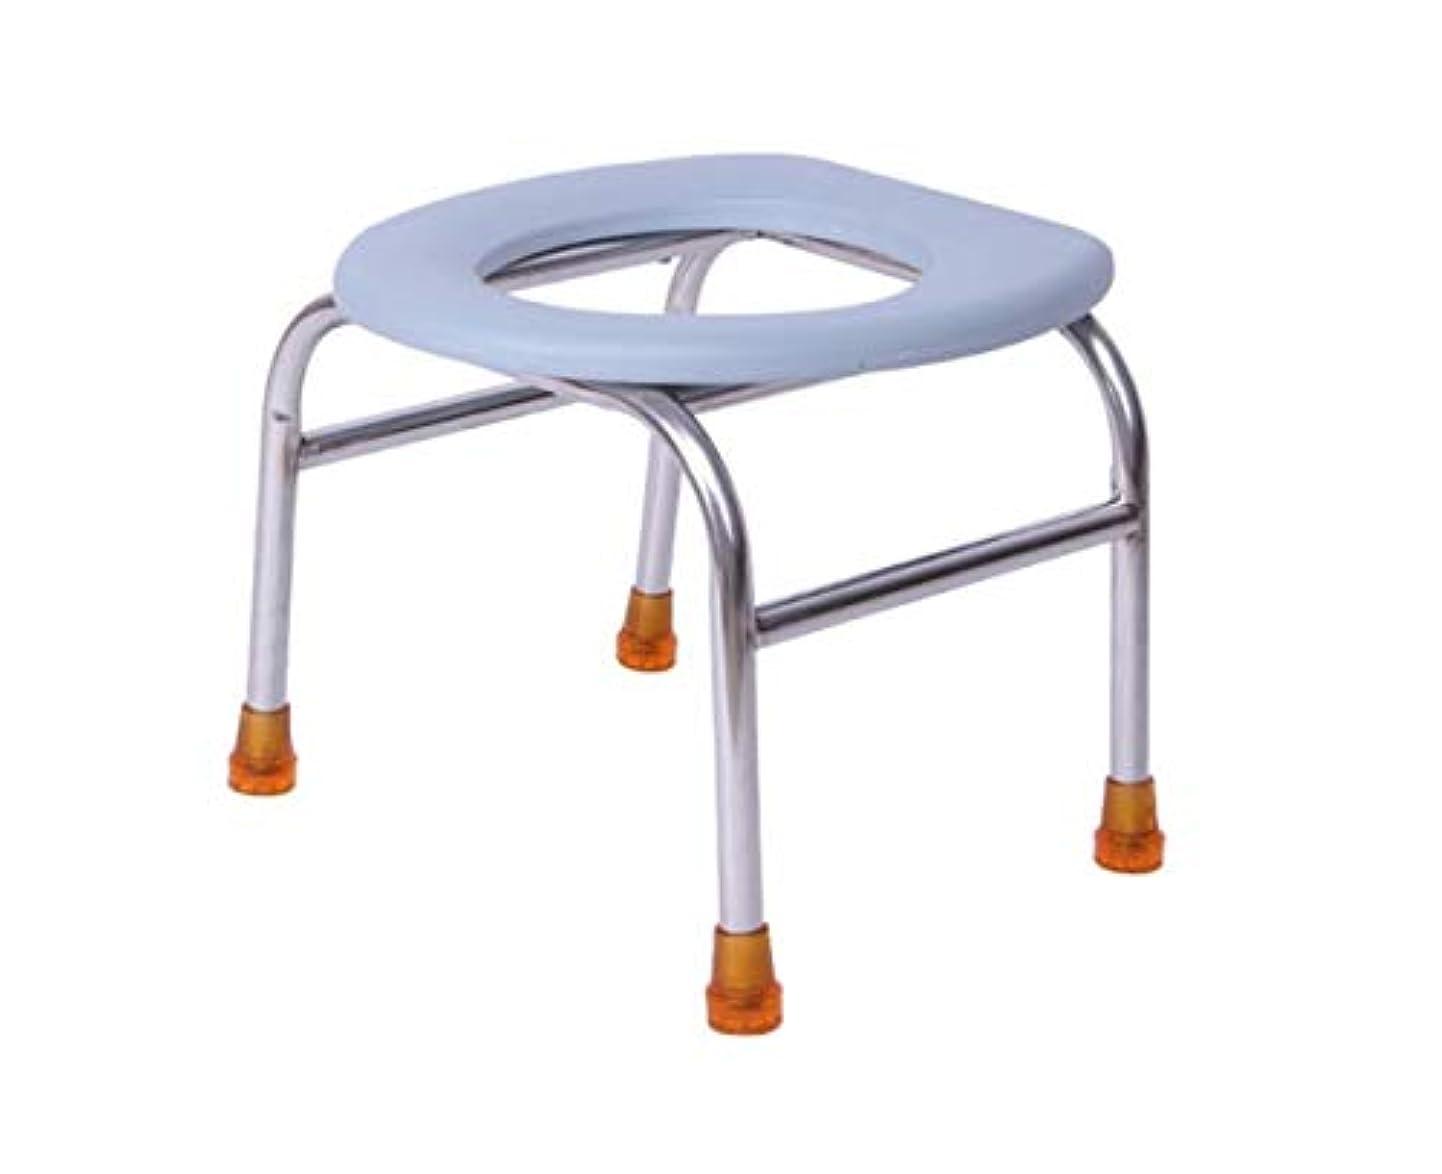 タイヤ寛解制約滑り止めの便座スツール、高齢者の障害のある妊娠中の女性に適した高齢者の補助浴室の椅子